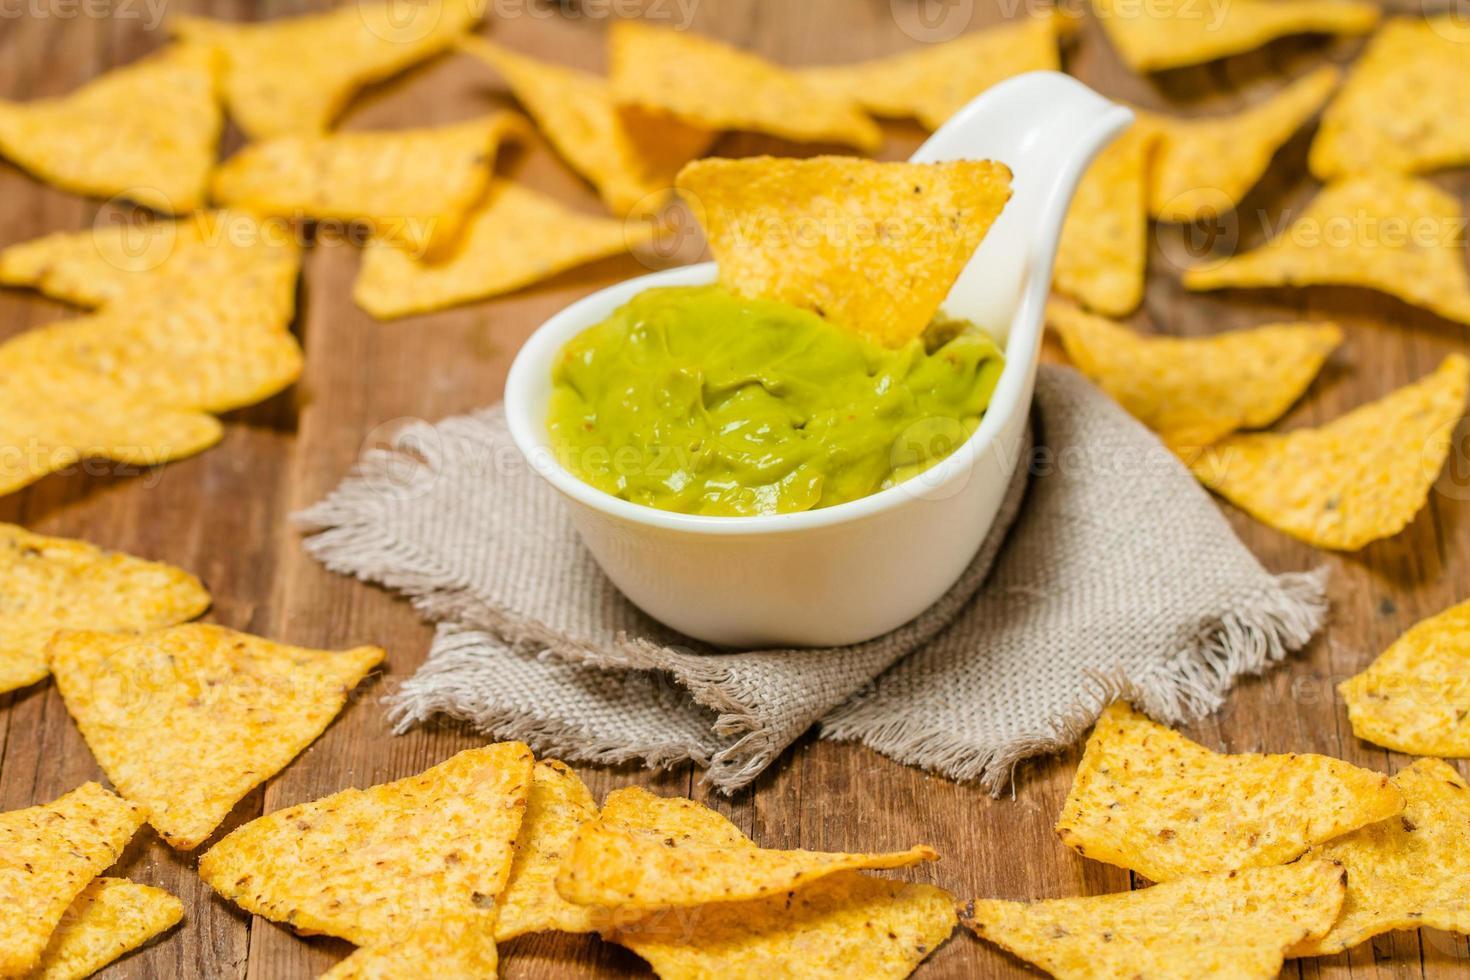 mexikanische Nachos mit handgemachter Guacamole-Sauce foto